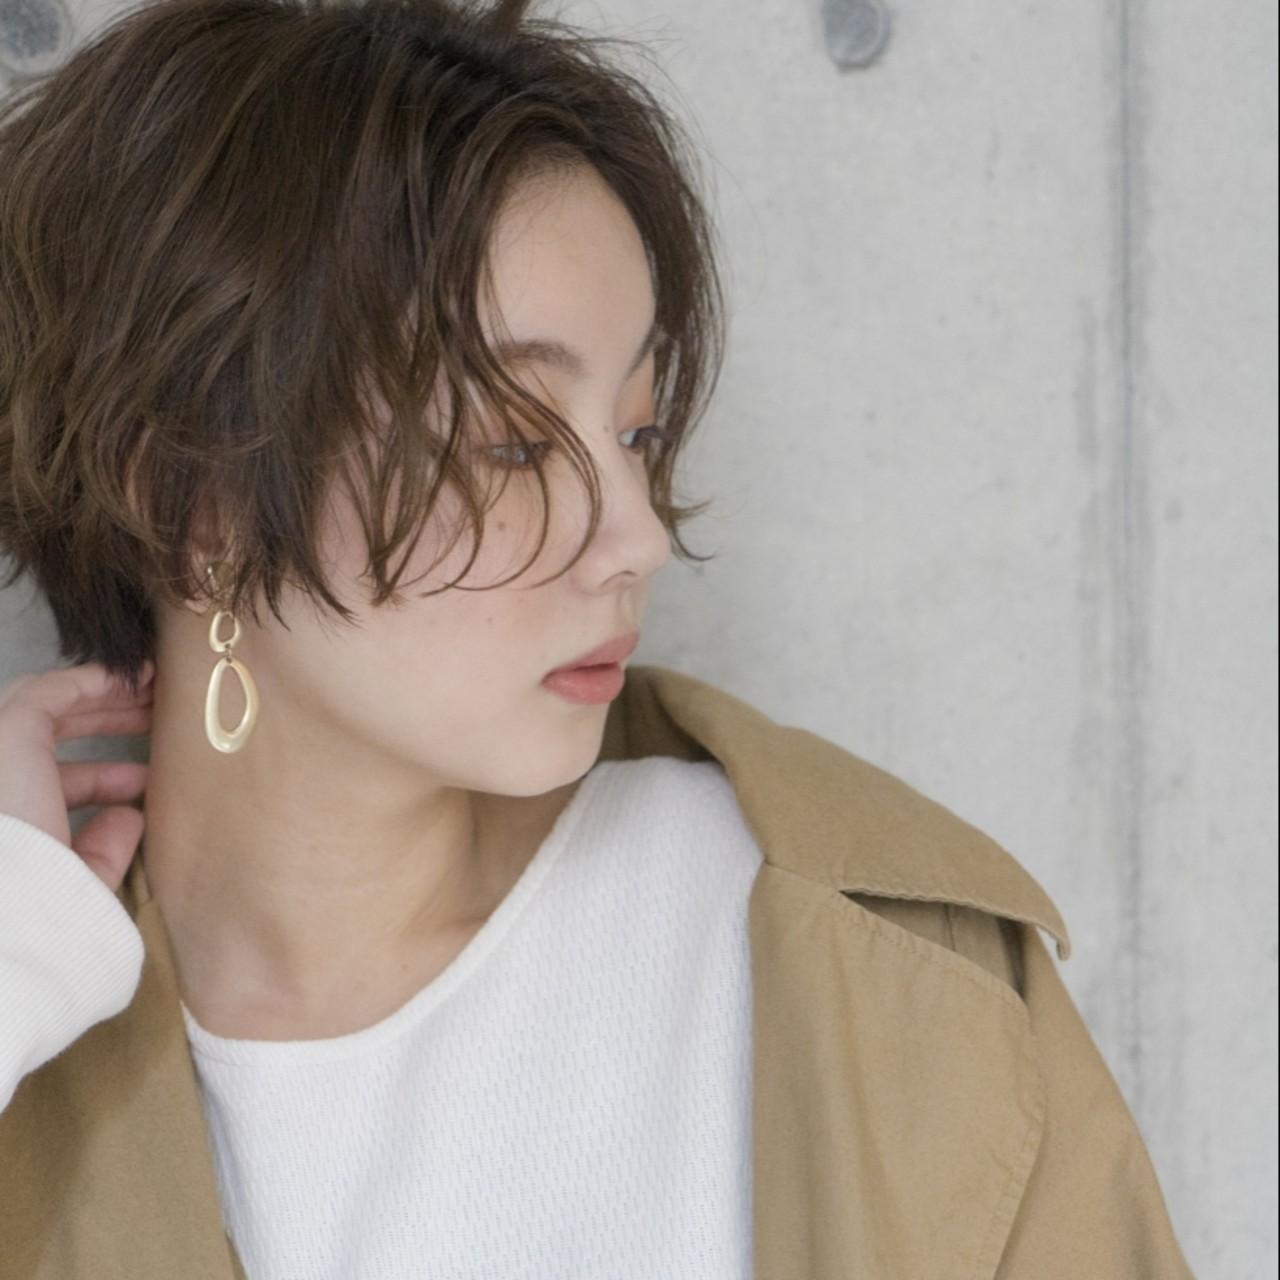 アンニュイ ゆるふわ ナチュラル 小顔 ヘアスタイルや髪型の写真・画像 | タカハシ アヤミ / trail by ROVER